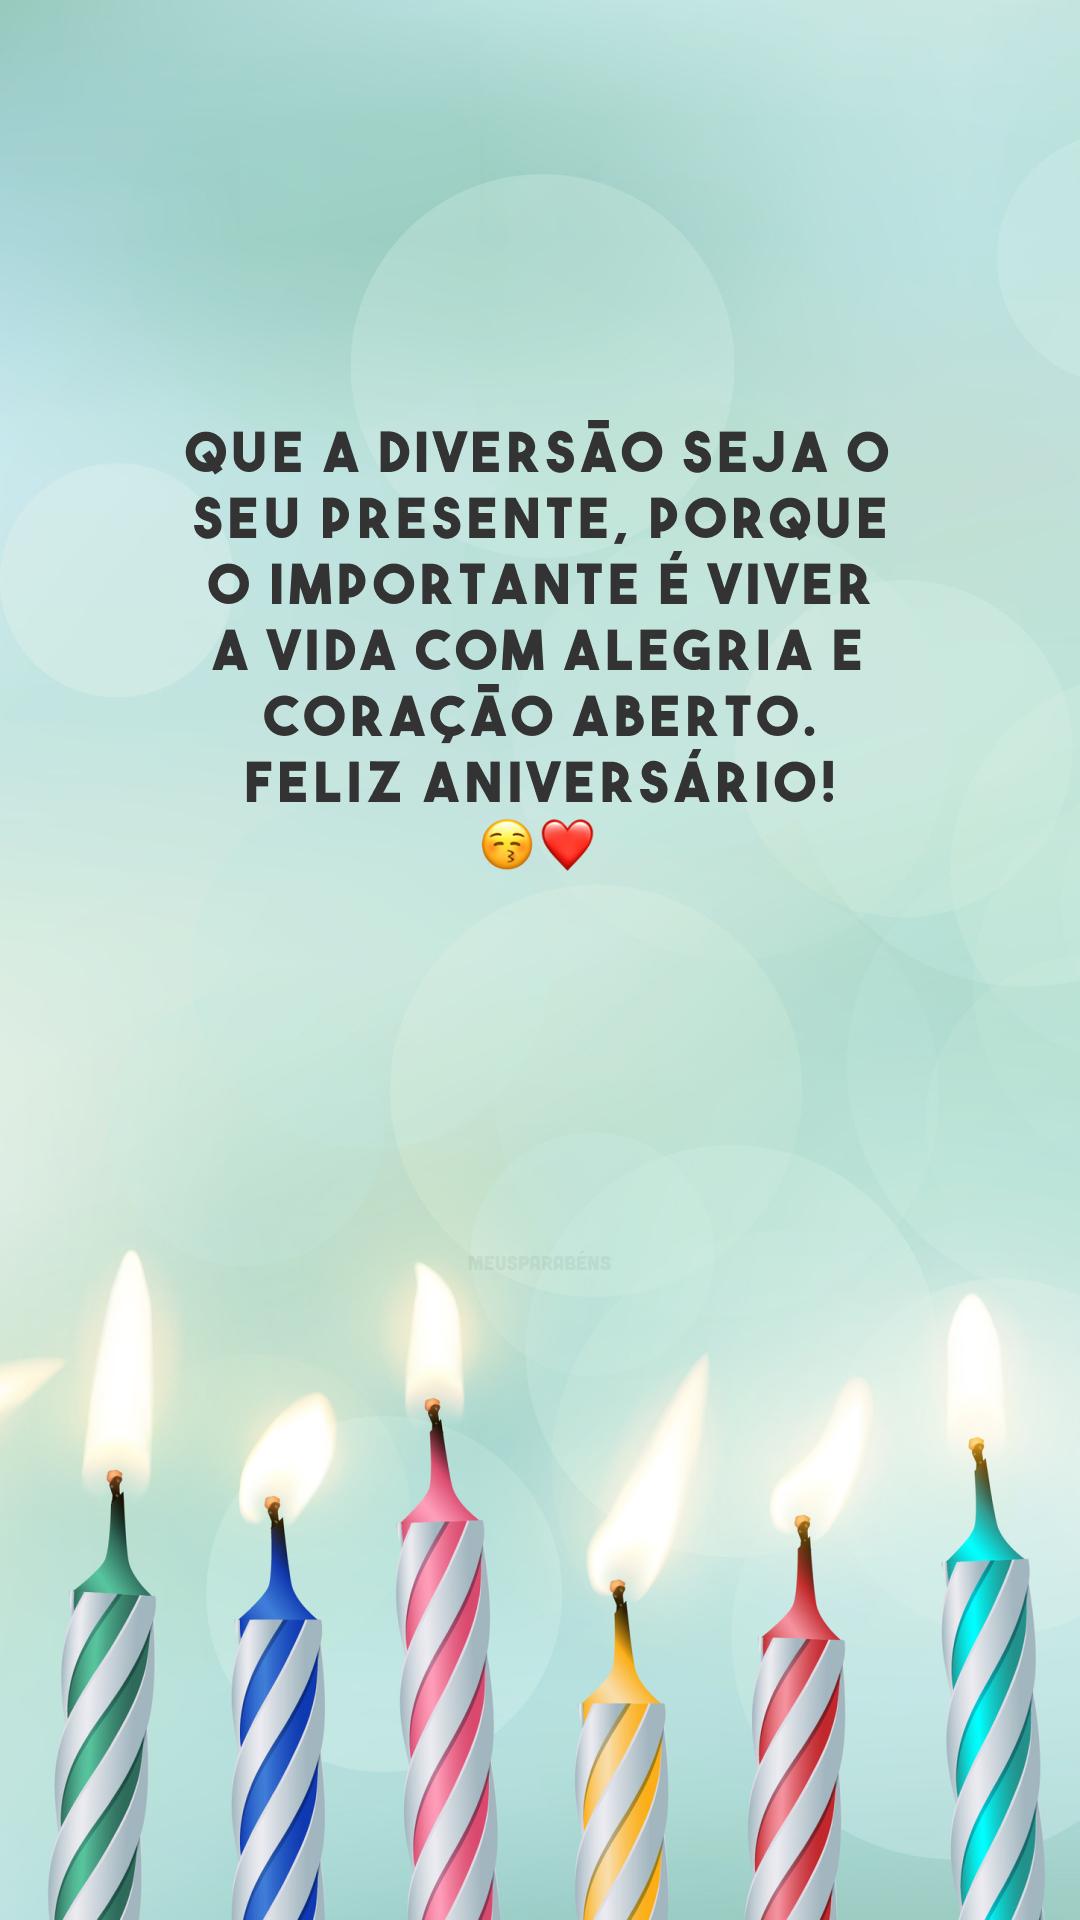 Que a diversão seja o seu presente, porque o importante é viver a vida com alegria e coração aberto. Feliz aniversário! 😚❤️